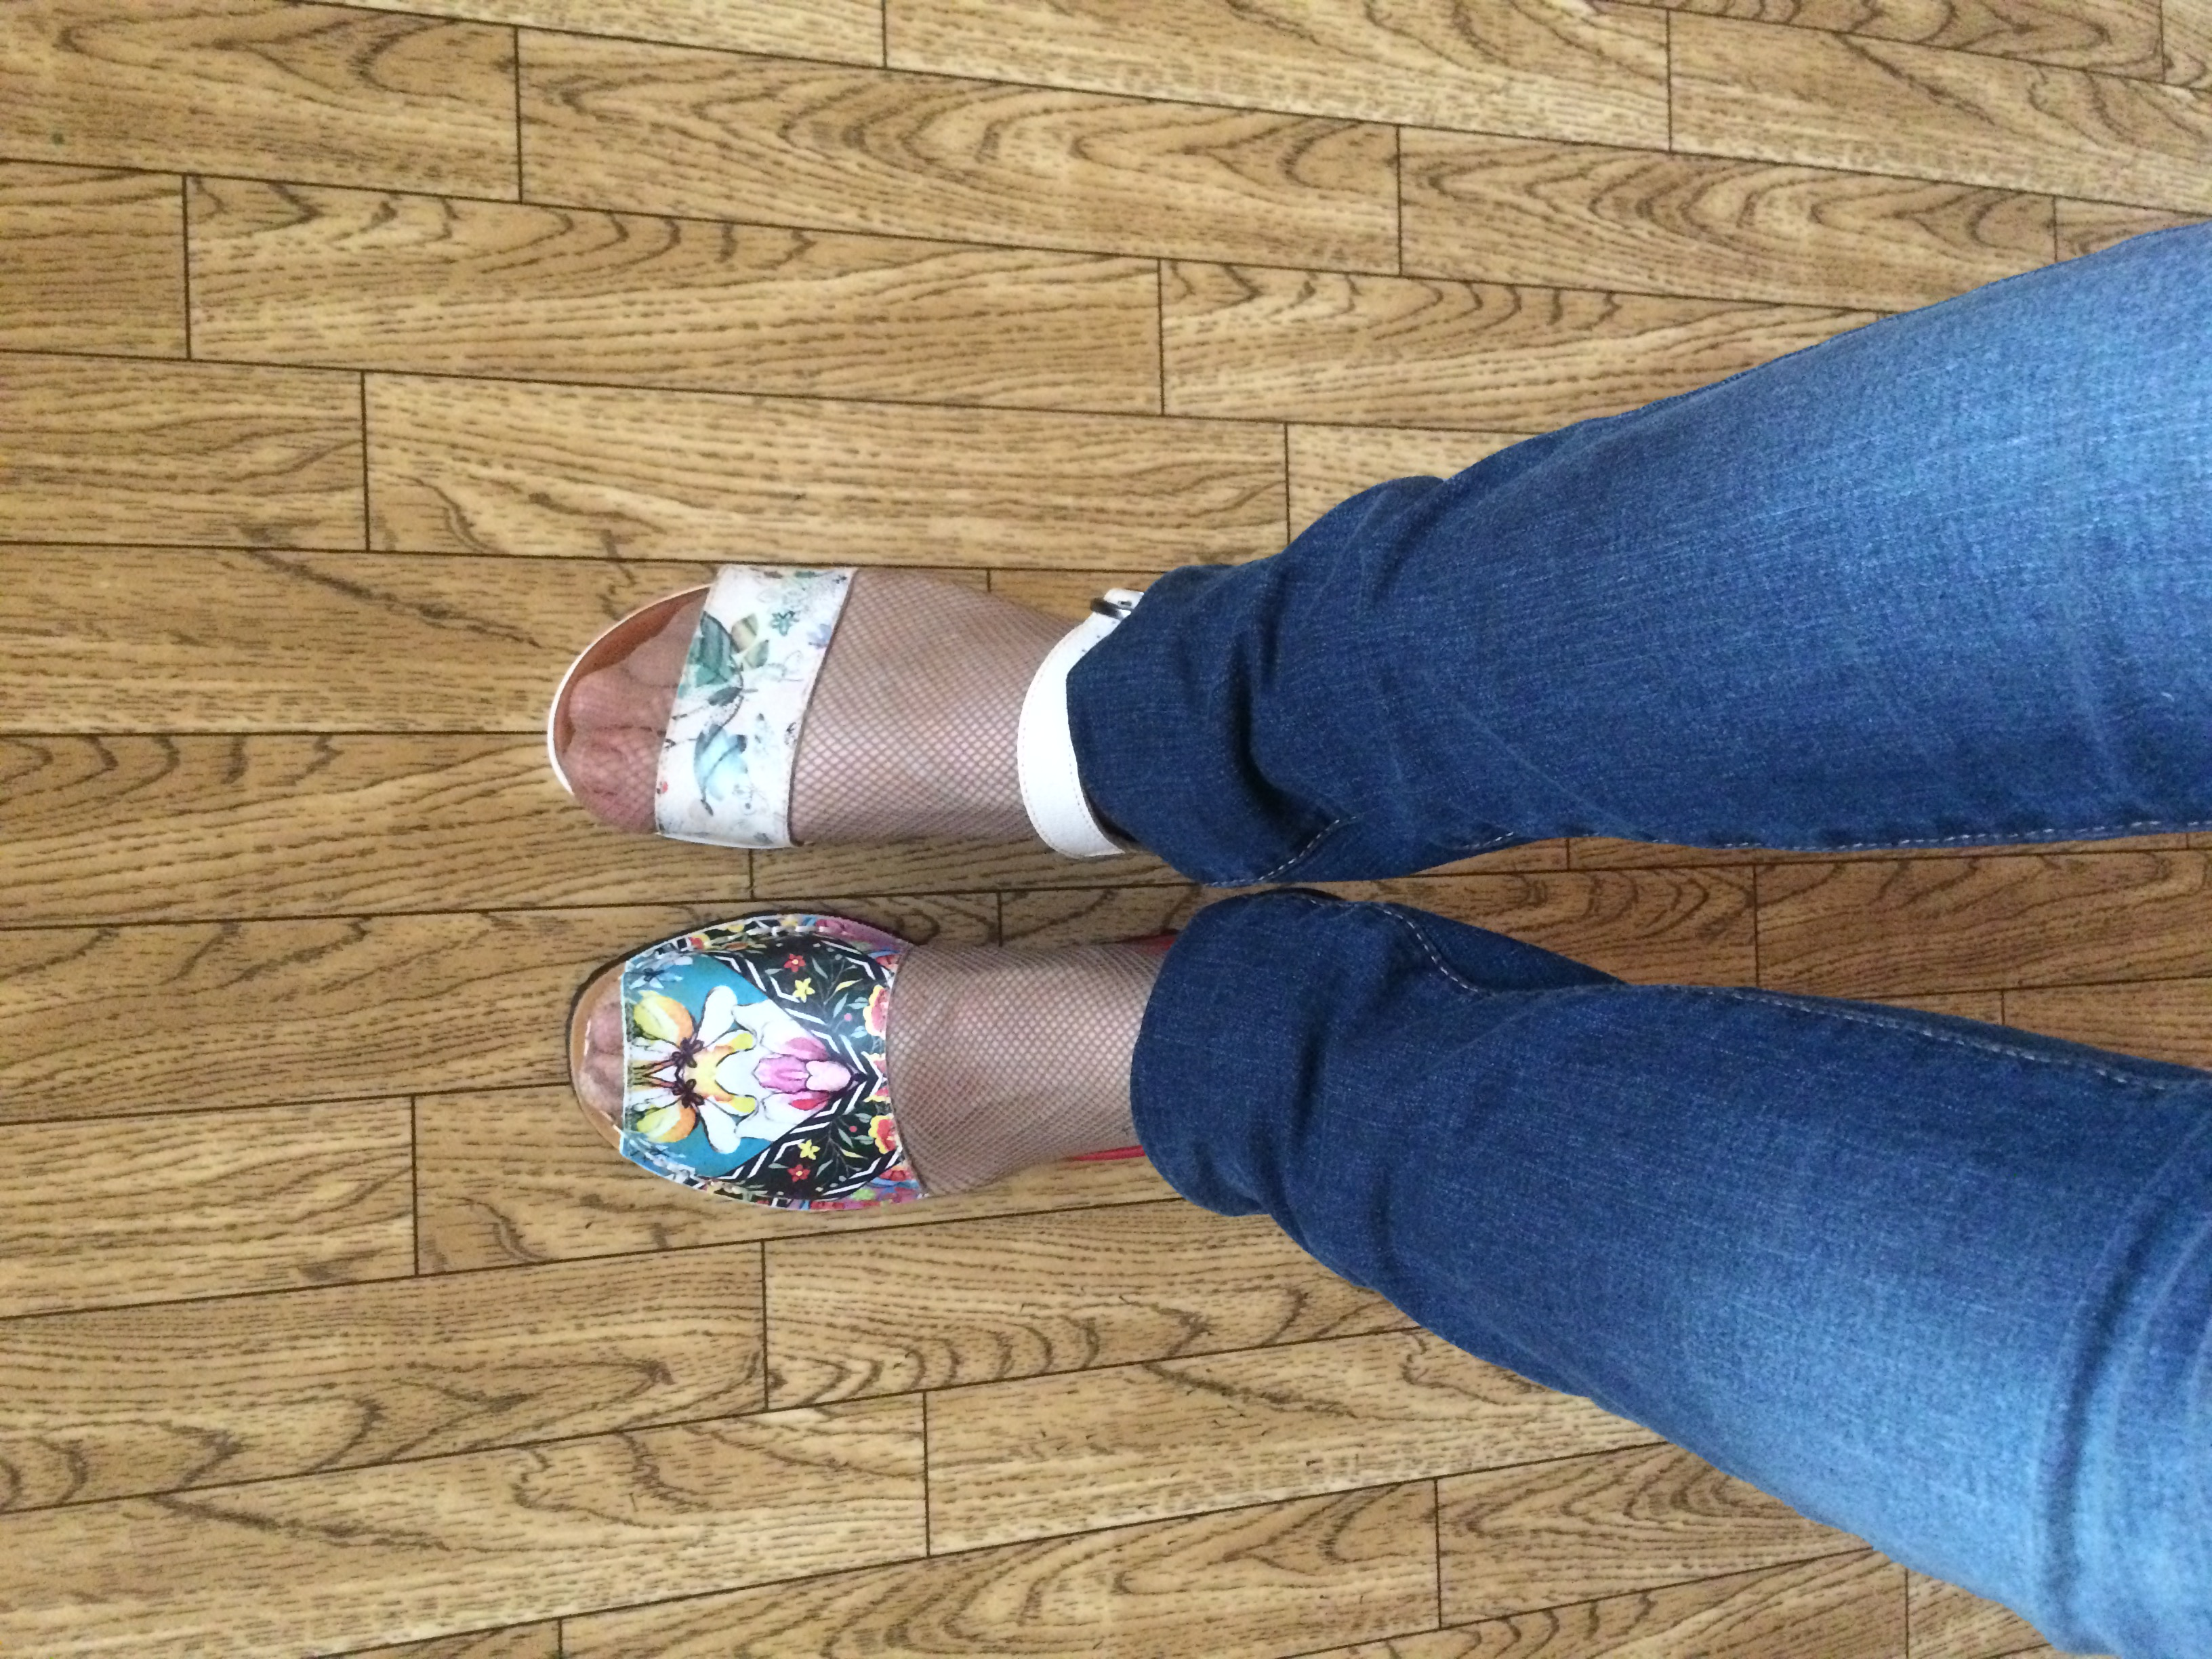 Фото мини юбки сидеть нога на ногу сырье, найденное